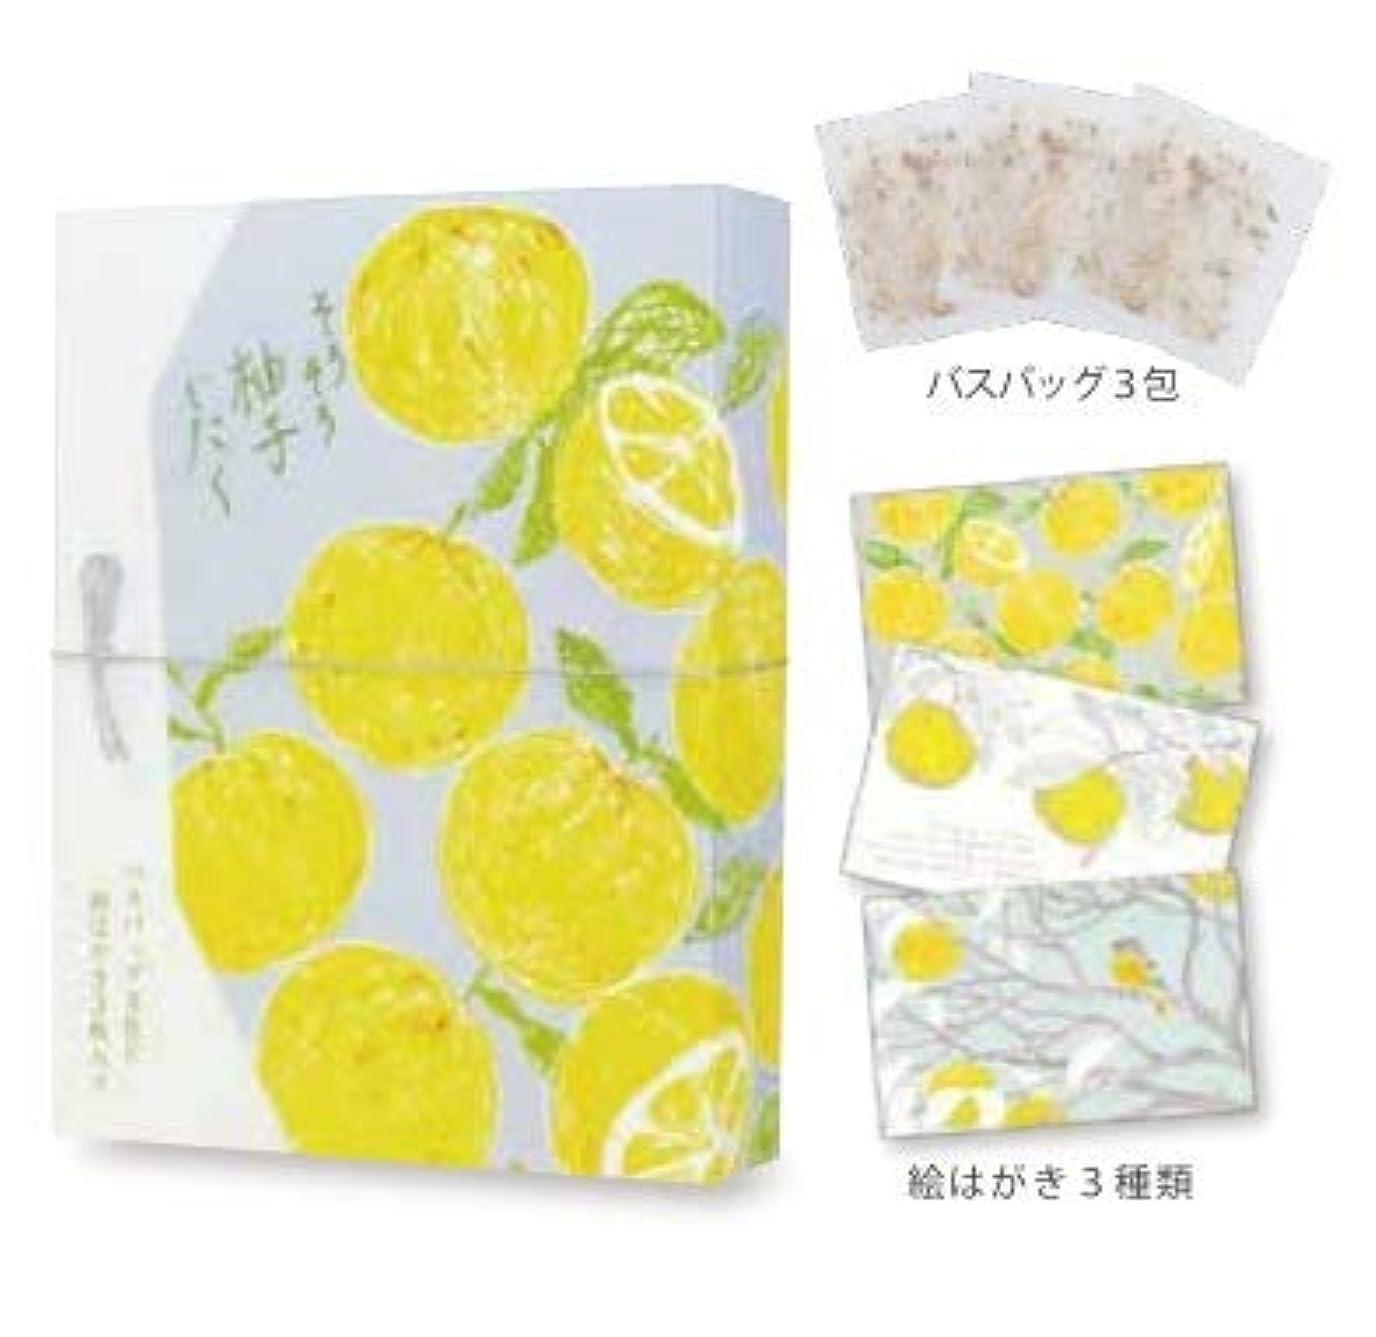 委任する滑りやすいウミウシチャーリー 柚子じたくバスバッグ3包セット(絵はがき入り)